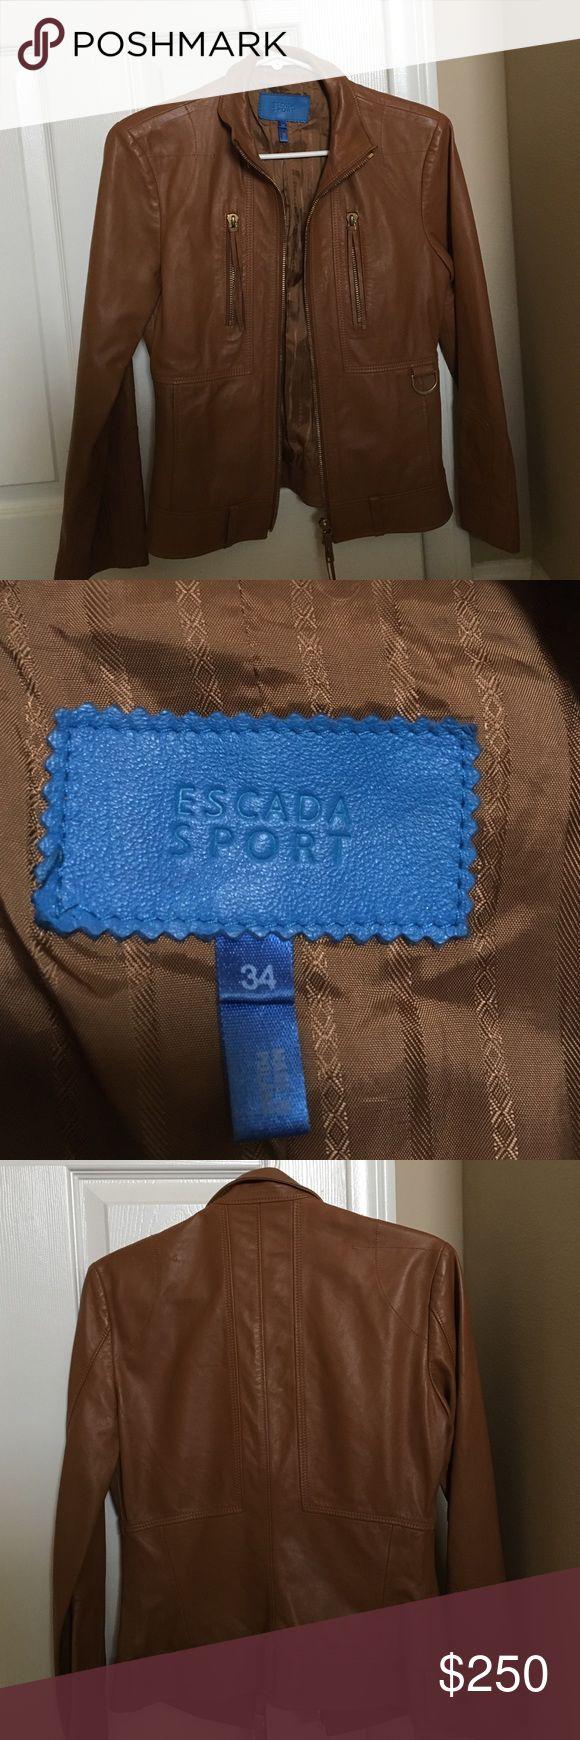 Escada Sport Leather Jacket (hardly worn) Tan leather jacket escada sport Escada Jackets & Coats